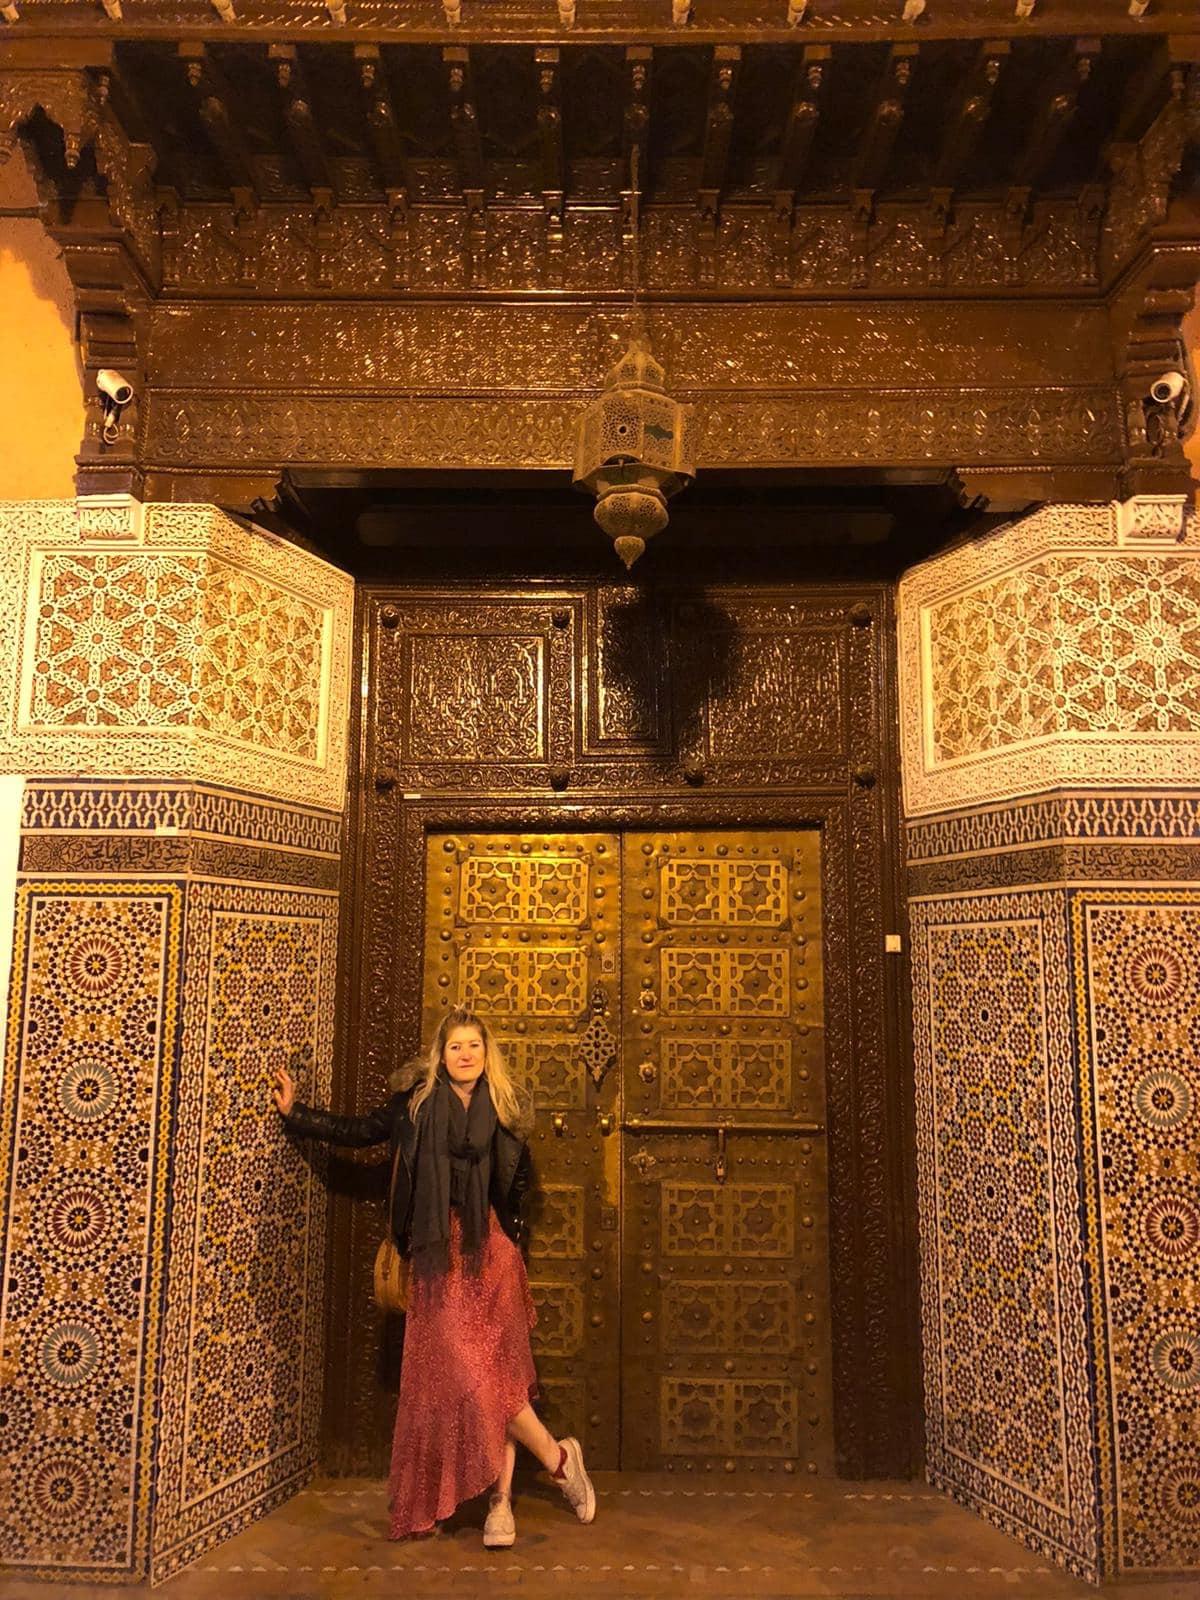 Ornate door in Marrakech souk